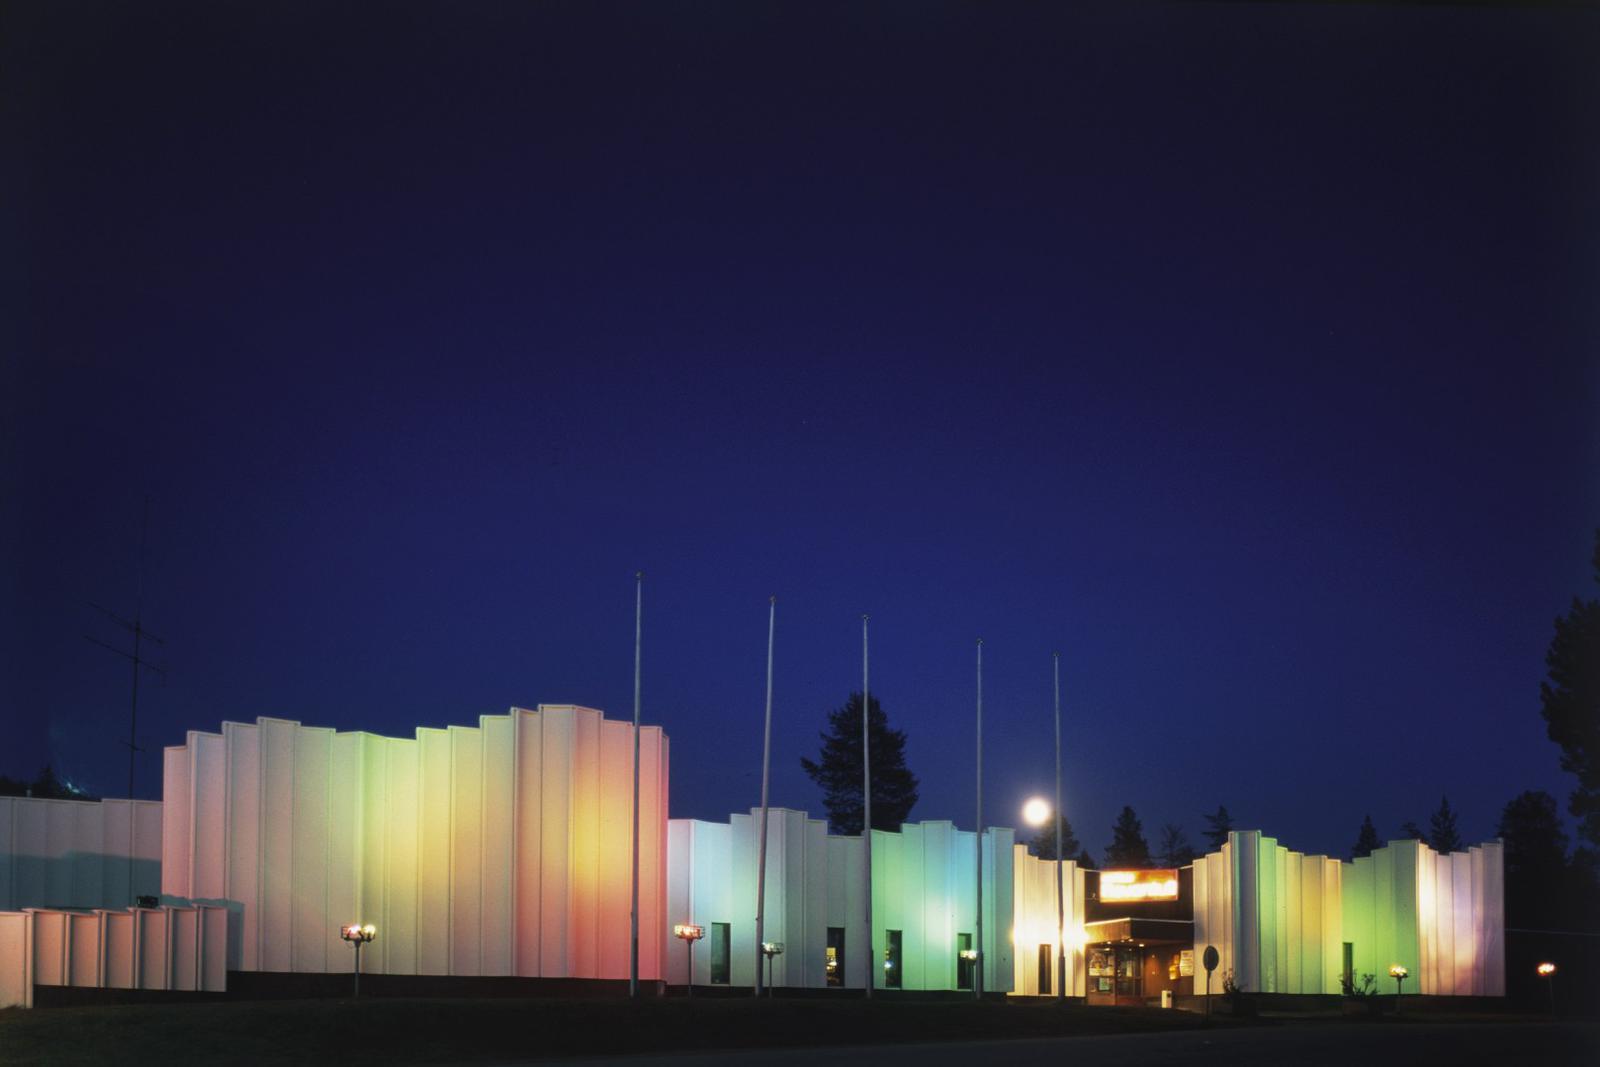 Hotel Salla Revontuli Finland